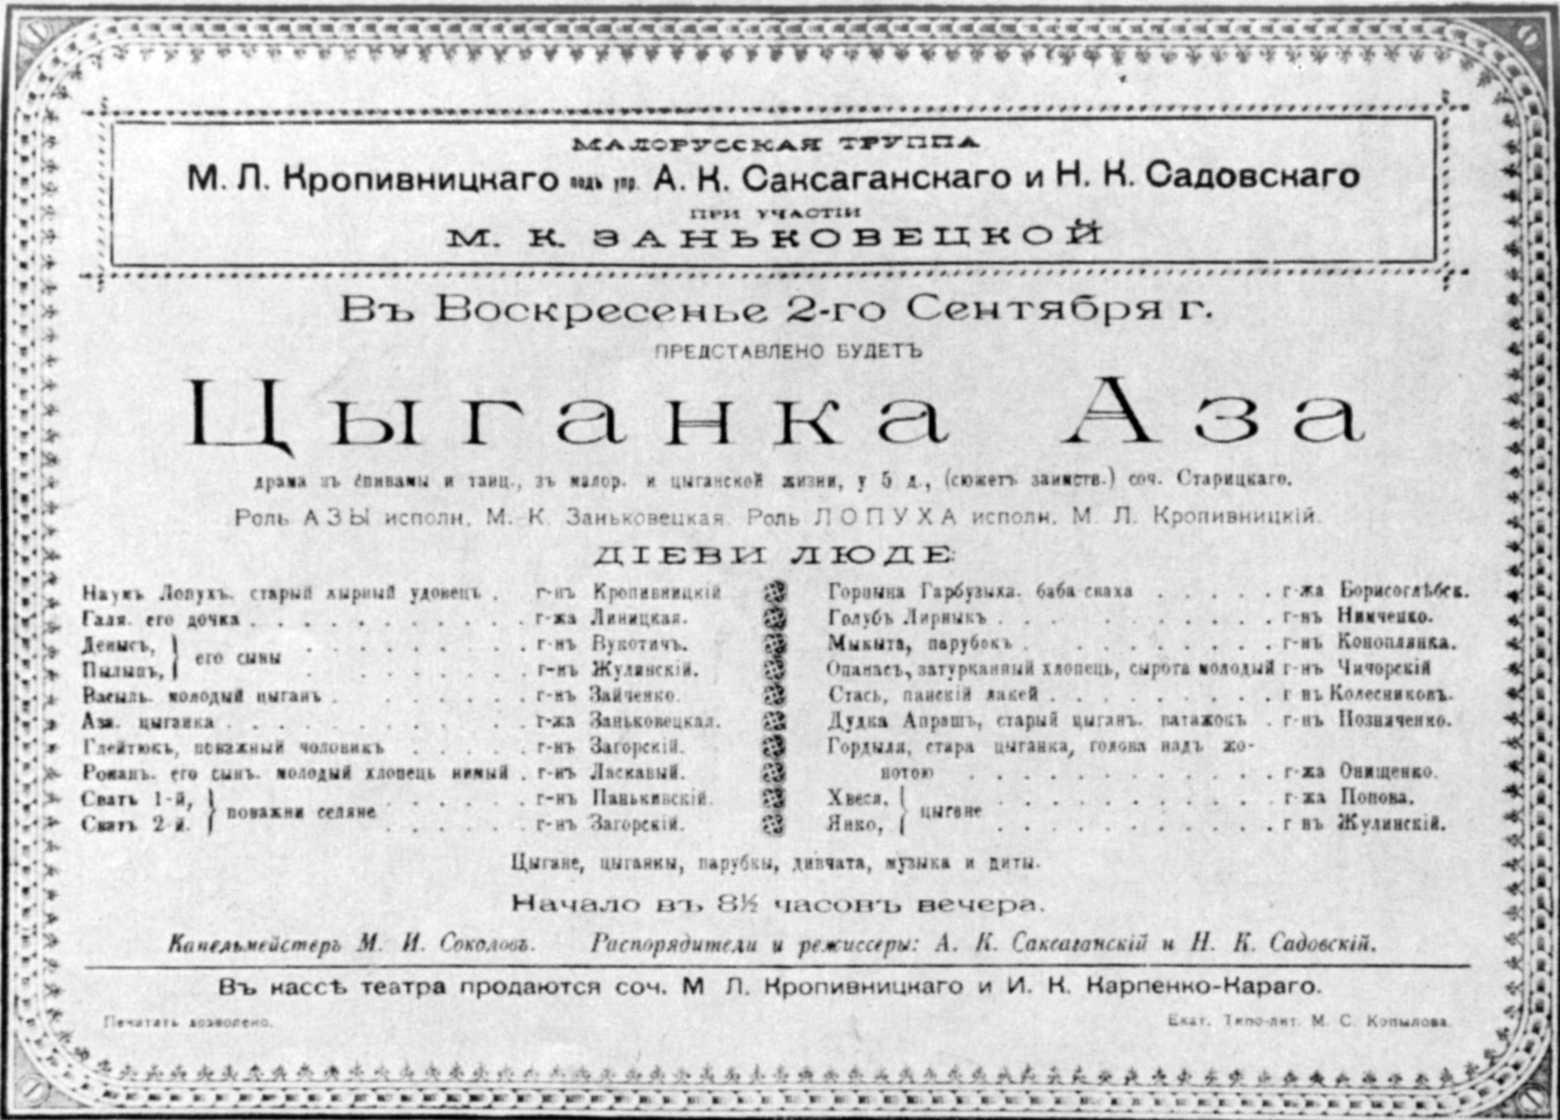 Галерея М. П. Старицького - «Циганка…